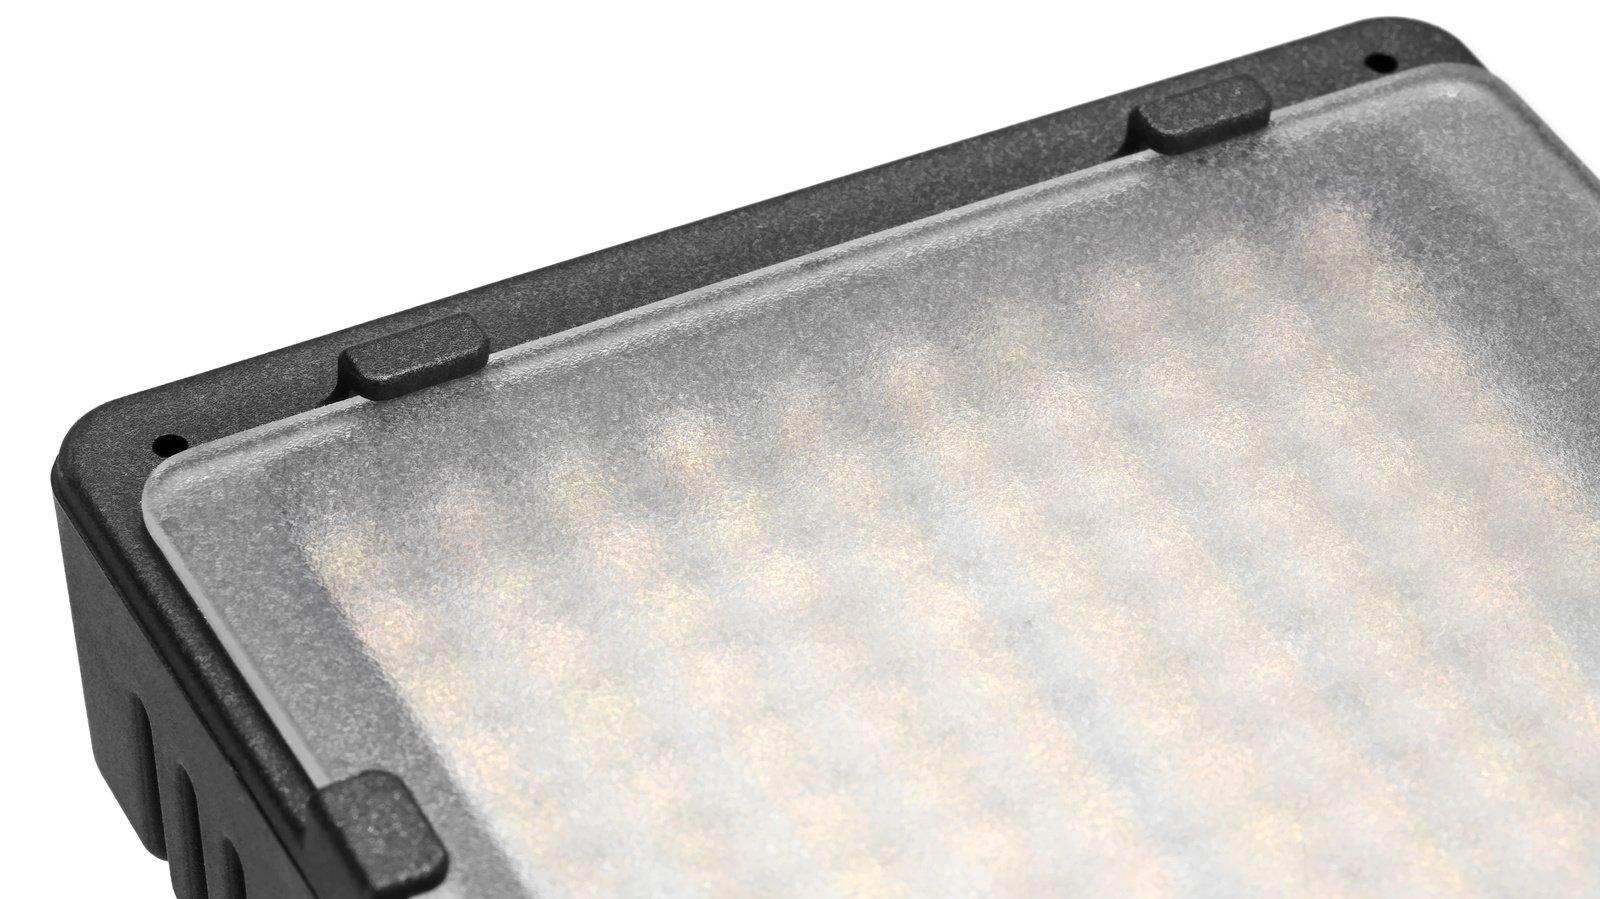 Die Diffusscheibe macht das Licht der LEDs und die Schatten weicher.